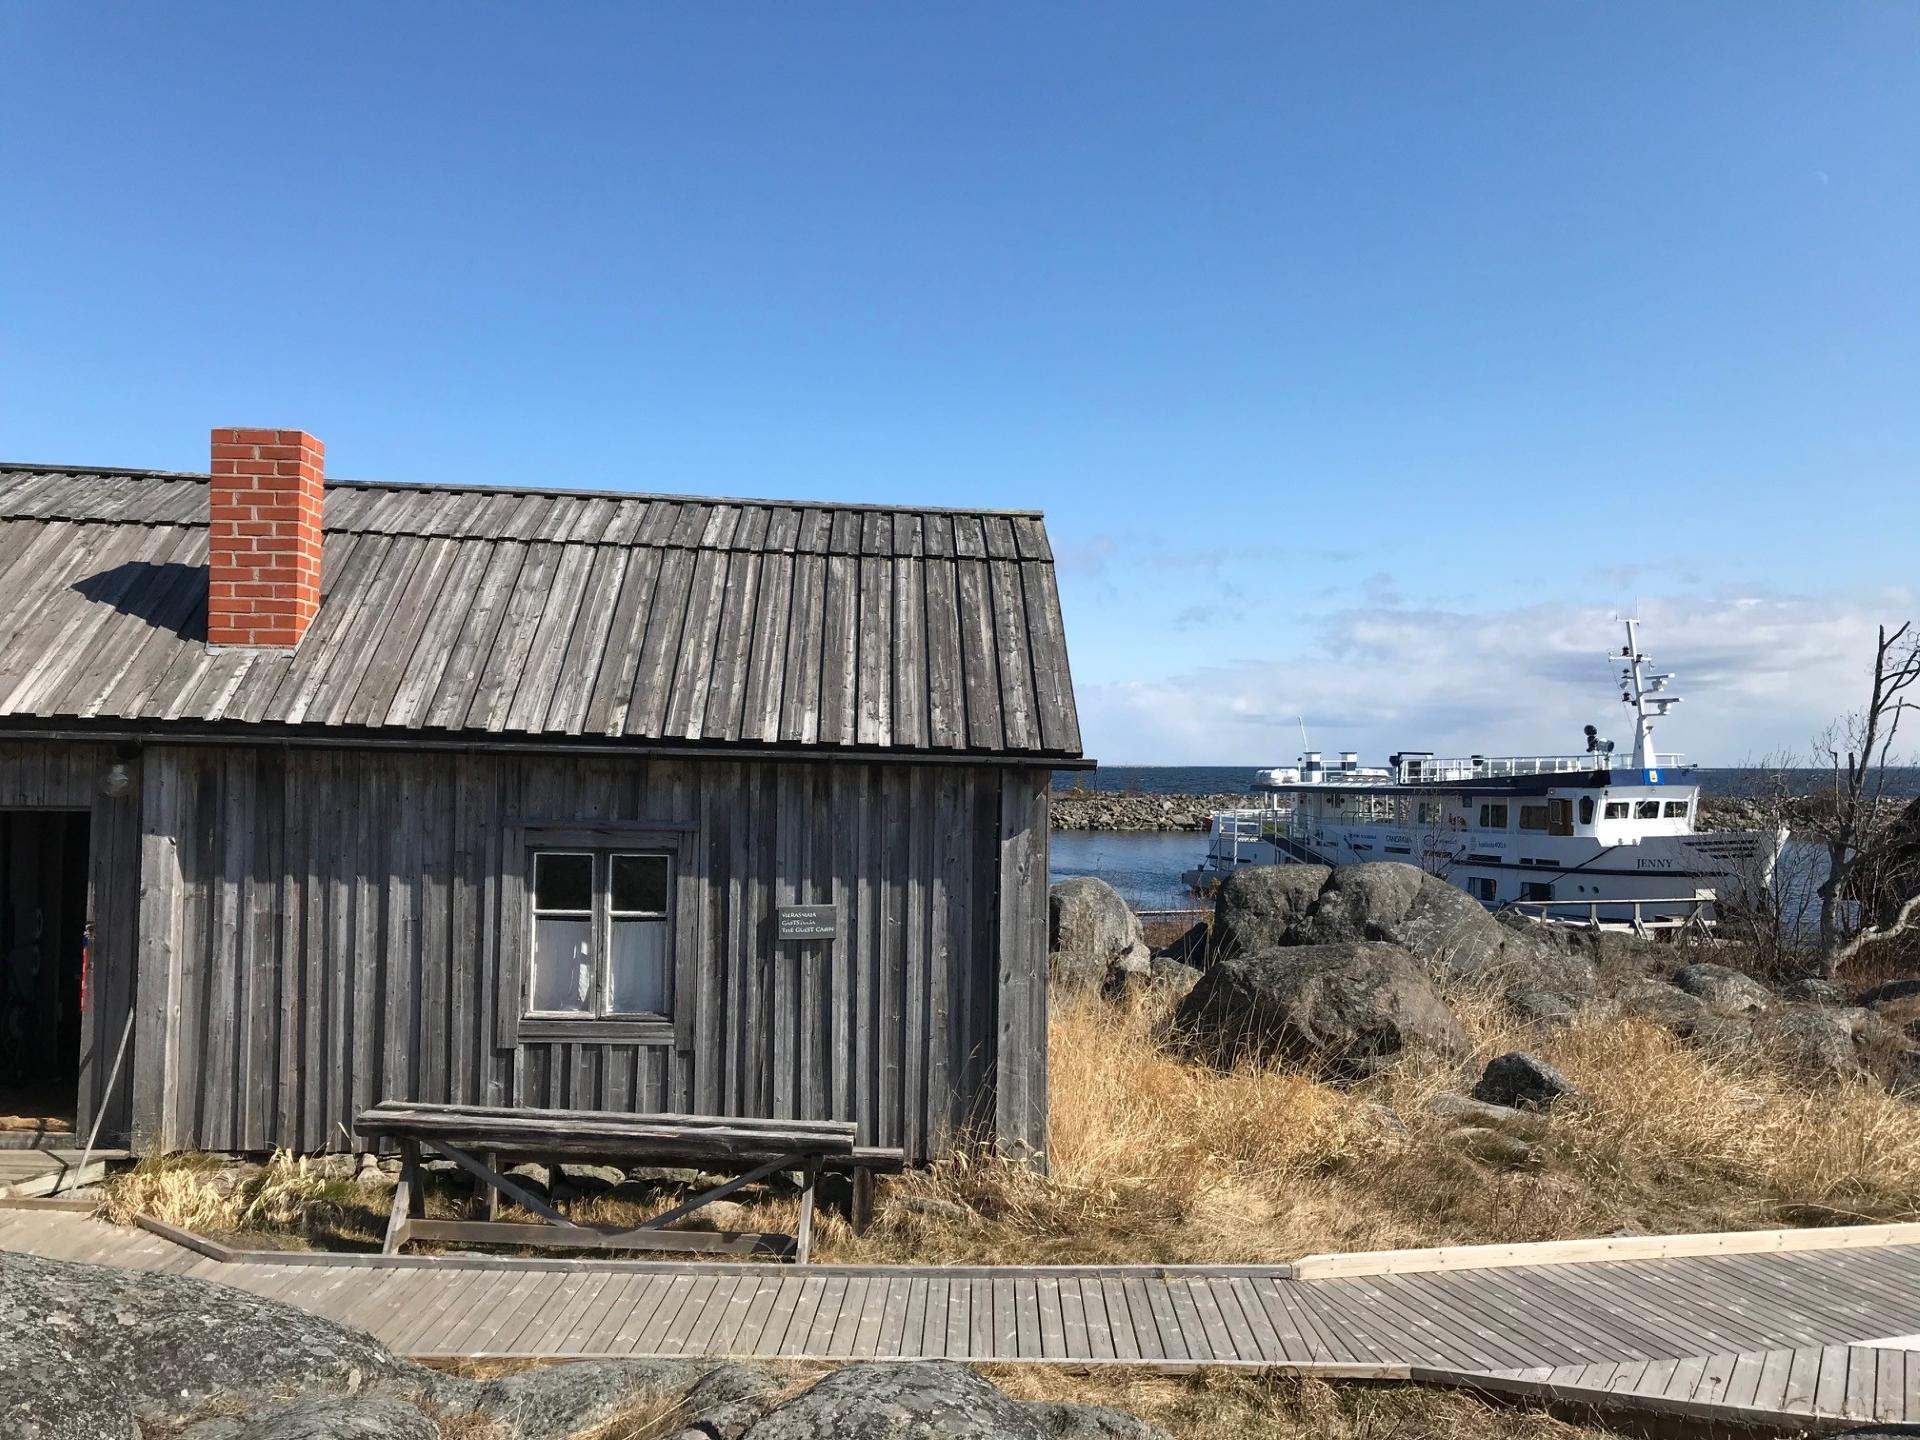 Tunnelmallinen Tankarin Vierasmaja on majoitus Tankarin sataman ja Cafe Tankarin läheisyydessä. Aurinkoisena päivänä Vierasmajan takana siintää M/S Jenny-laiva.